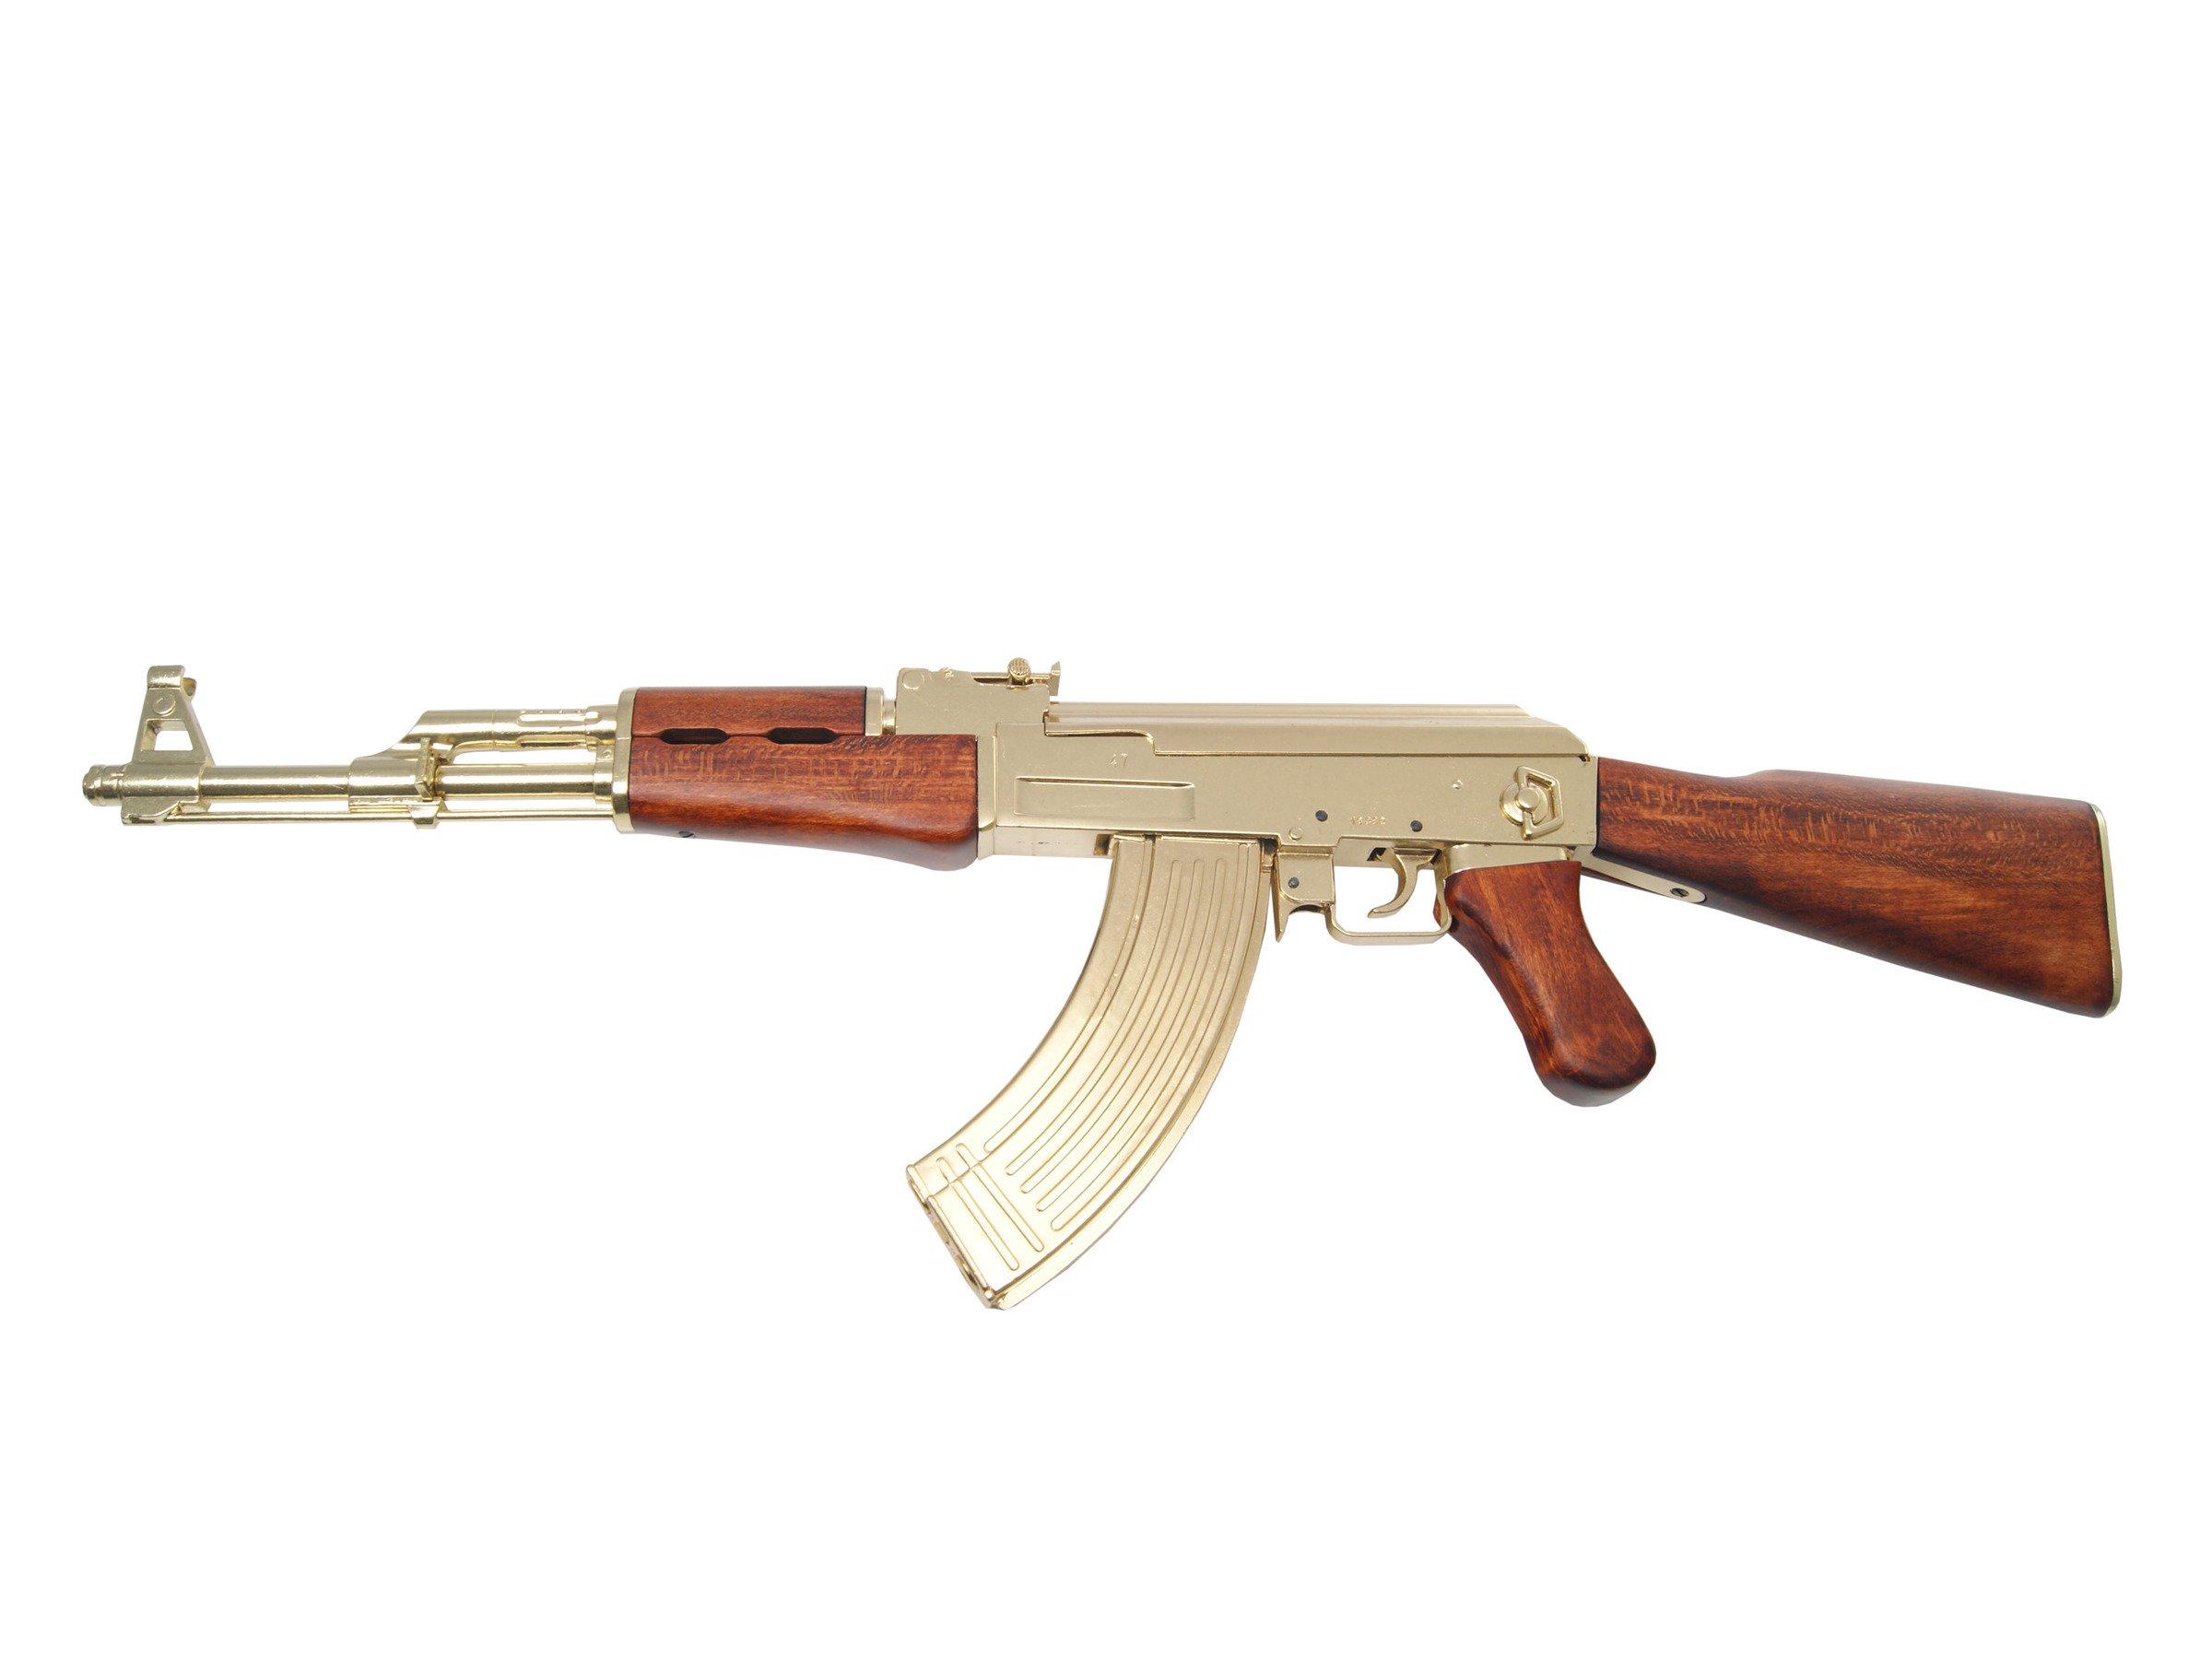 Golden AK-47 assault rifle - model gun 166,25 € | Nestof.pl